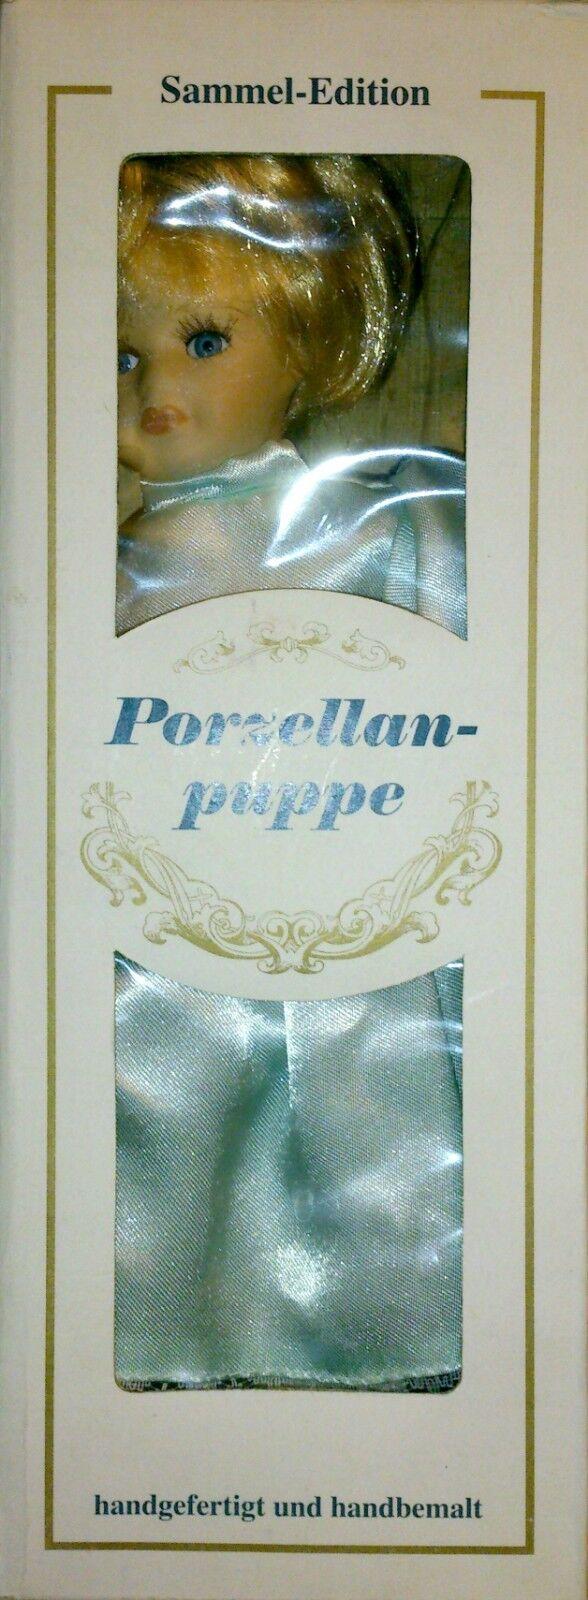 Sammelpuppe OVP Porzellan Puppe in Top Zustand, OVP Sammelpuppe d5095d